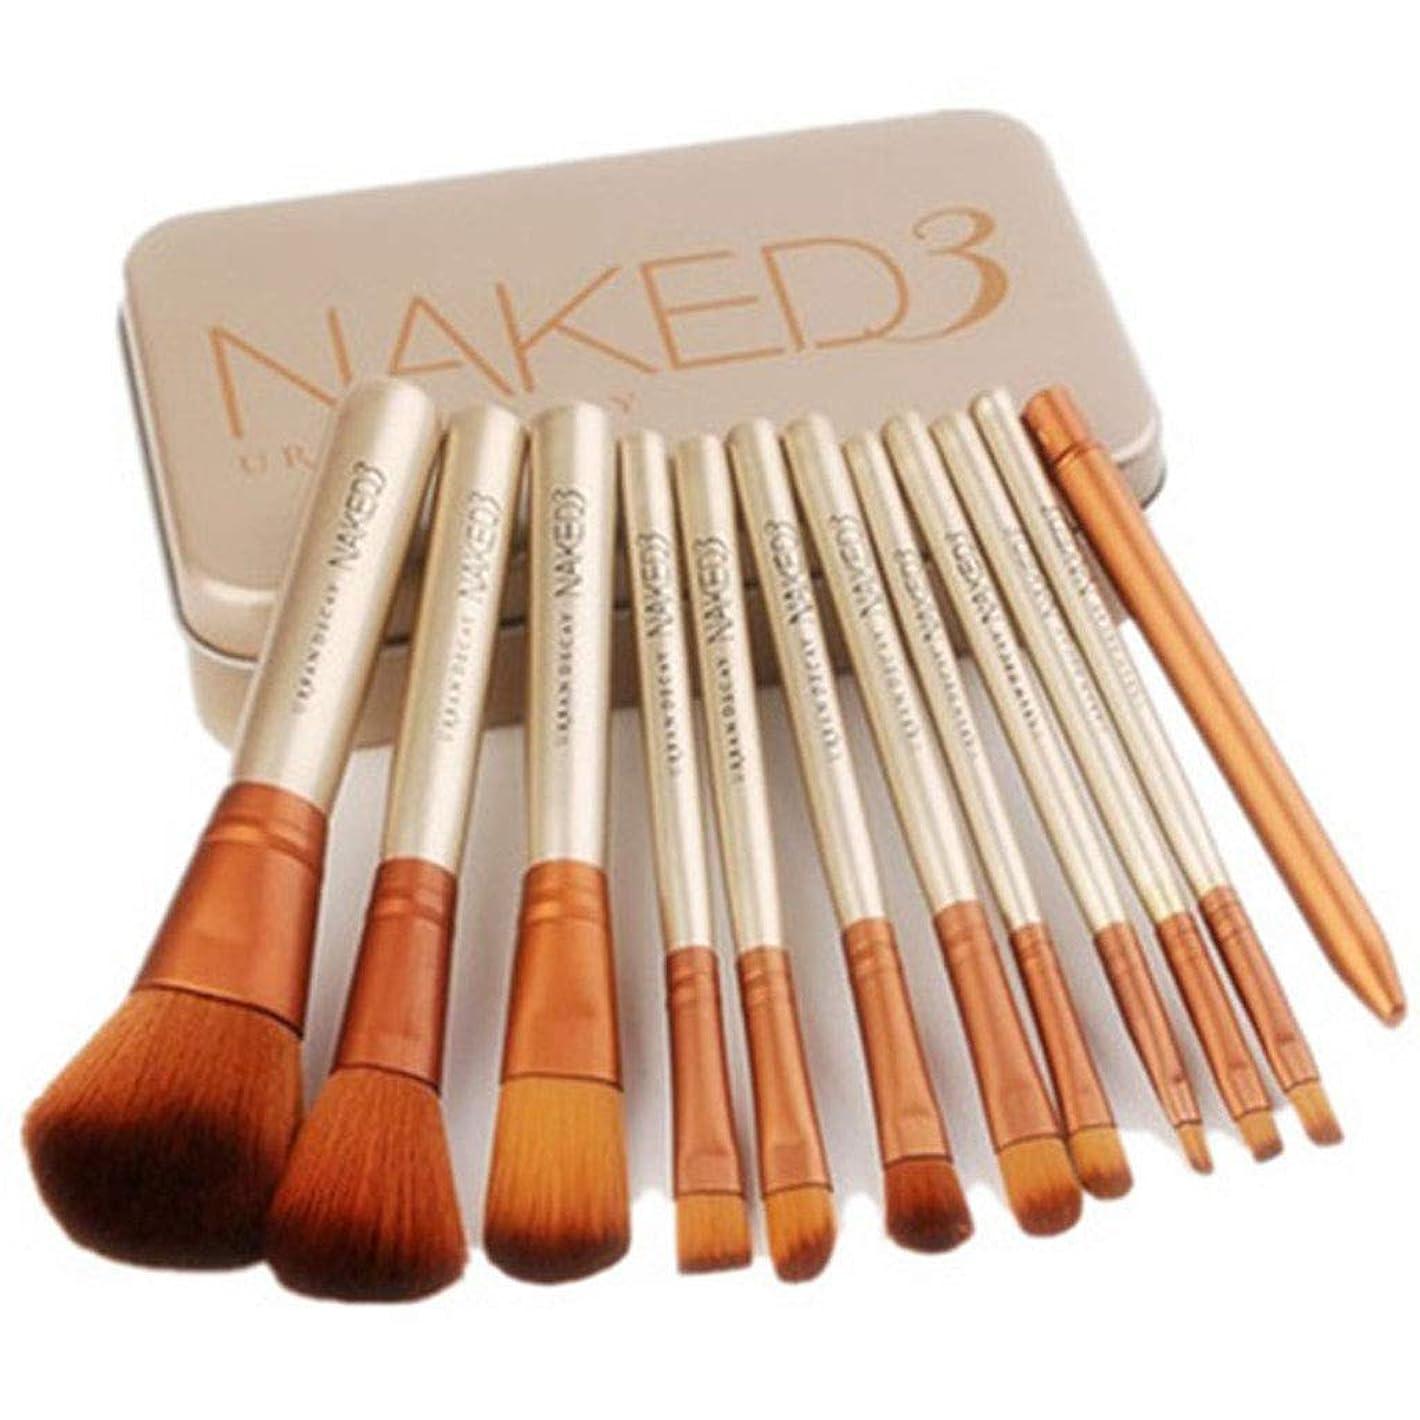 二度有望セイはさておき初心者用化粧筆のための12の化粧筆美容化粧キット